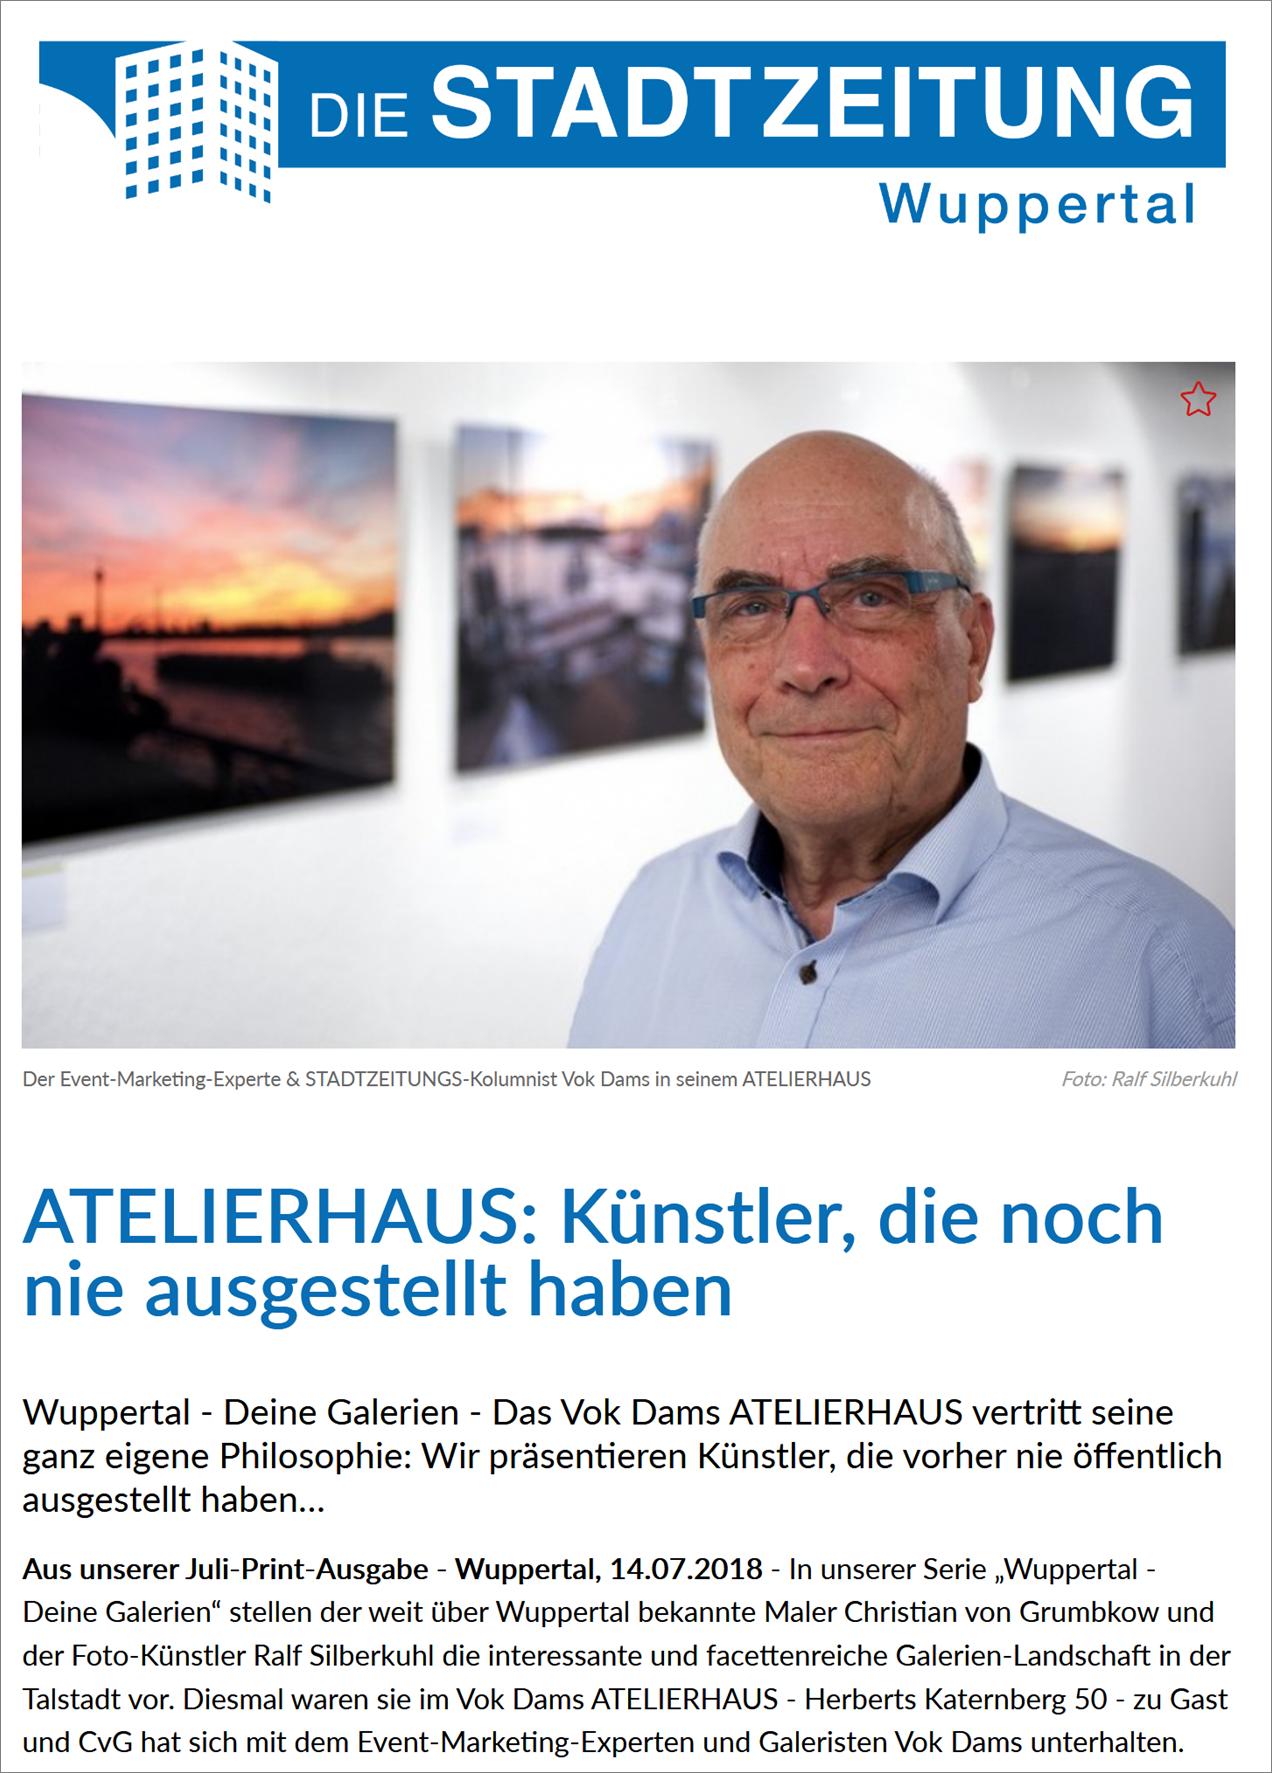 18-07-13_Die Stadtzeitung Wuppertal